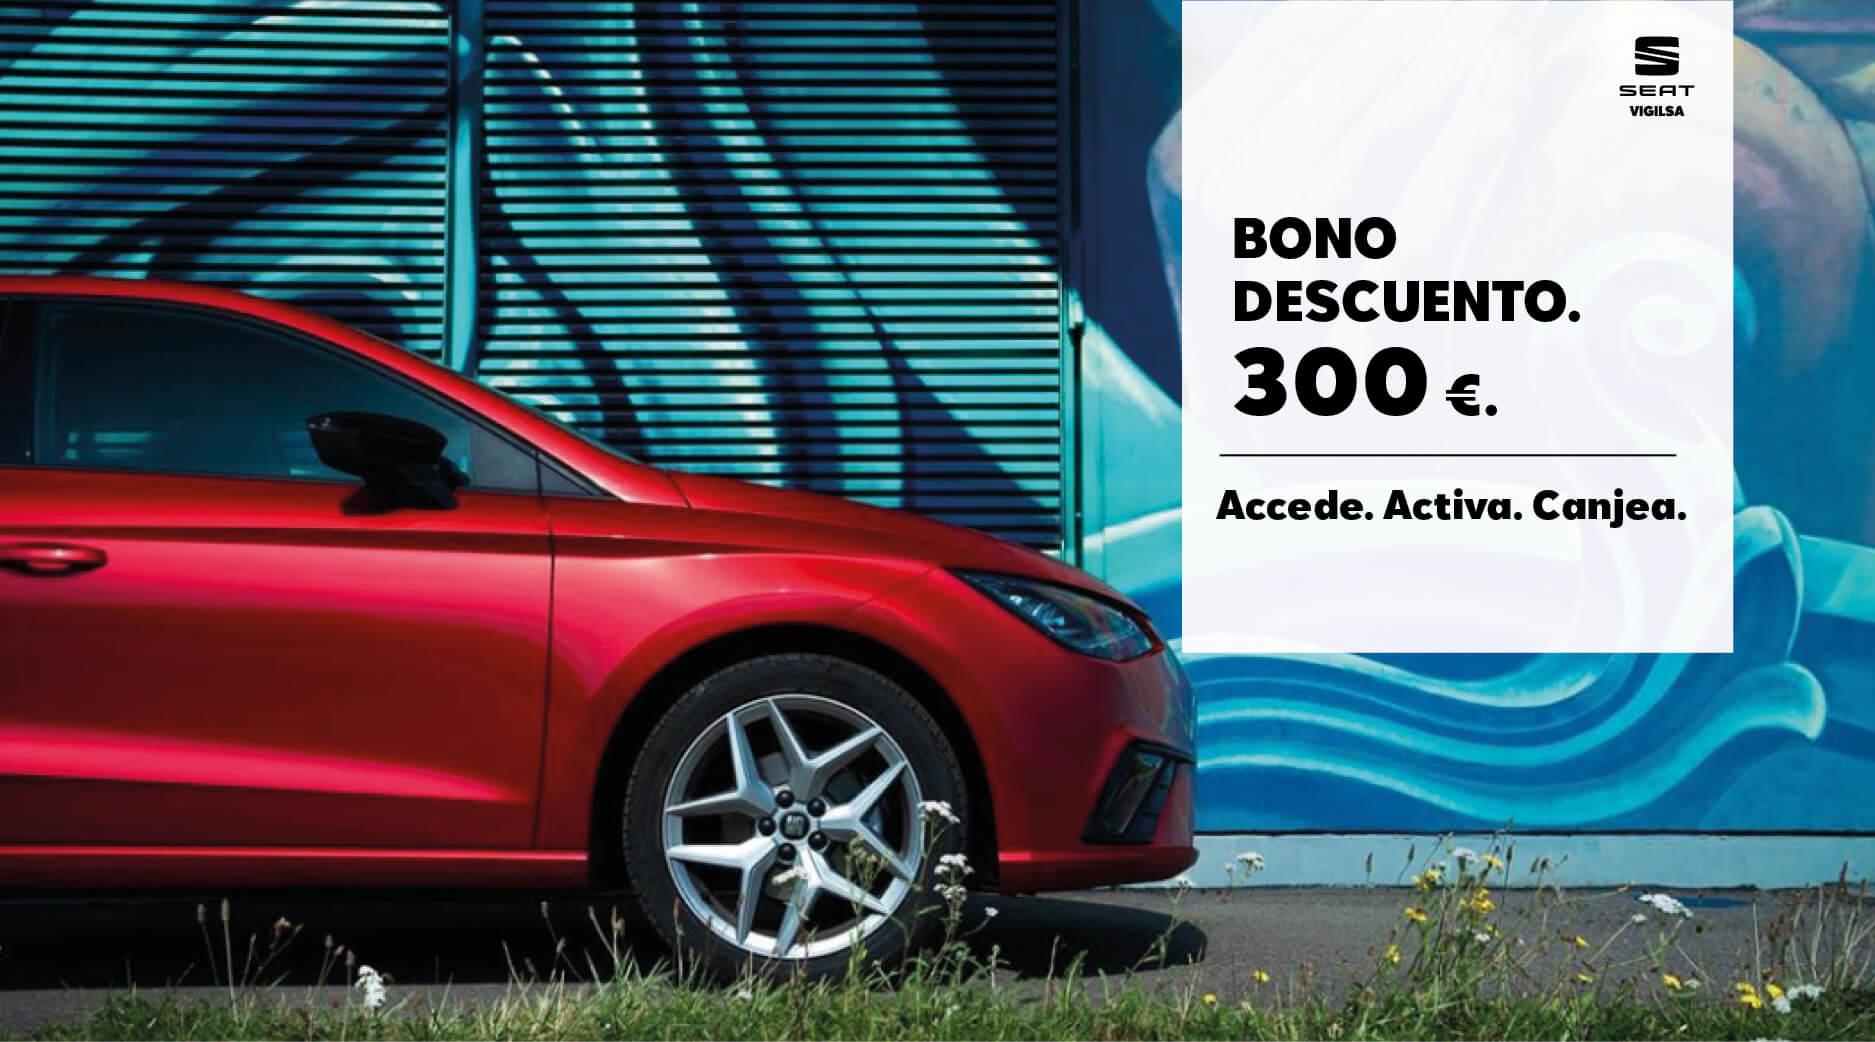 bono-vigilsa-300-euros